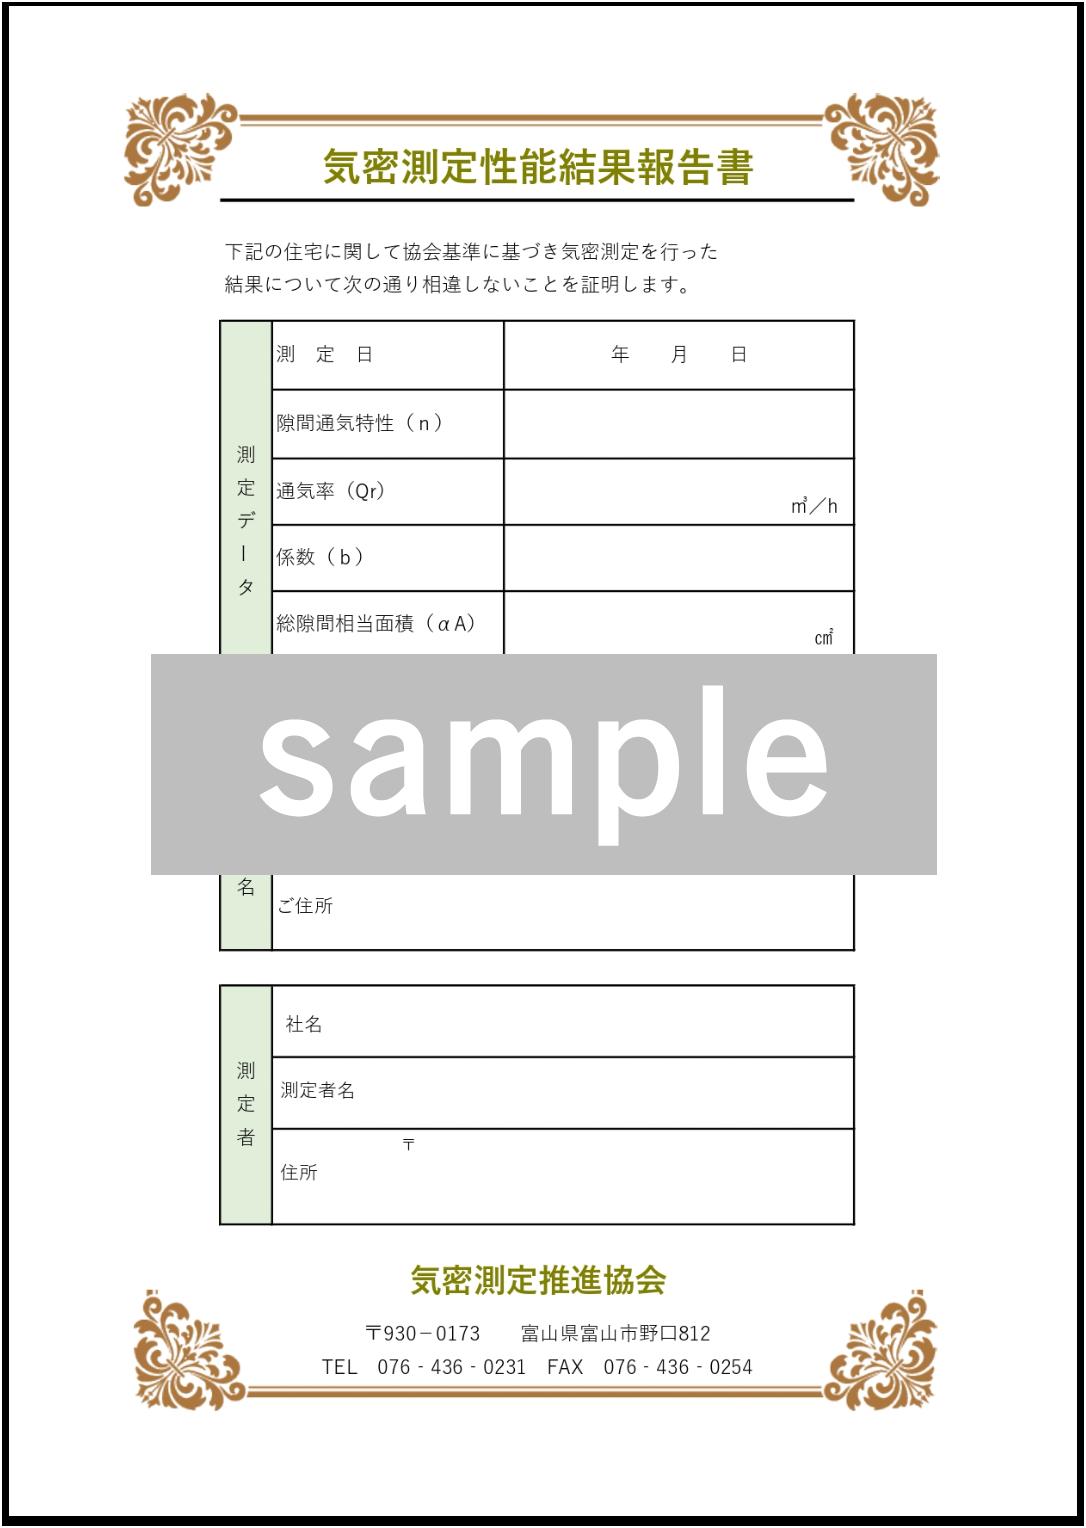 気密測定性能結果報告書(3枚綴り)